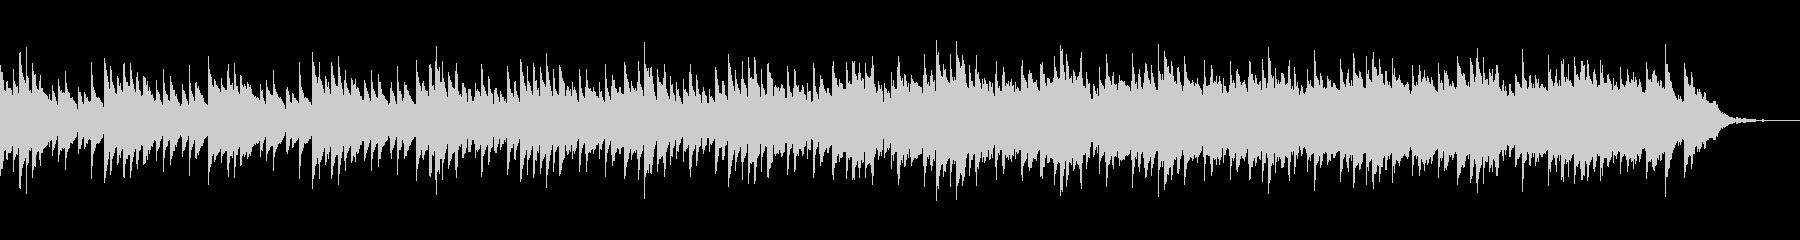 クリスマス オーケストラ 木琴 C...の未再生の波形